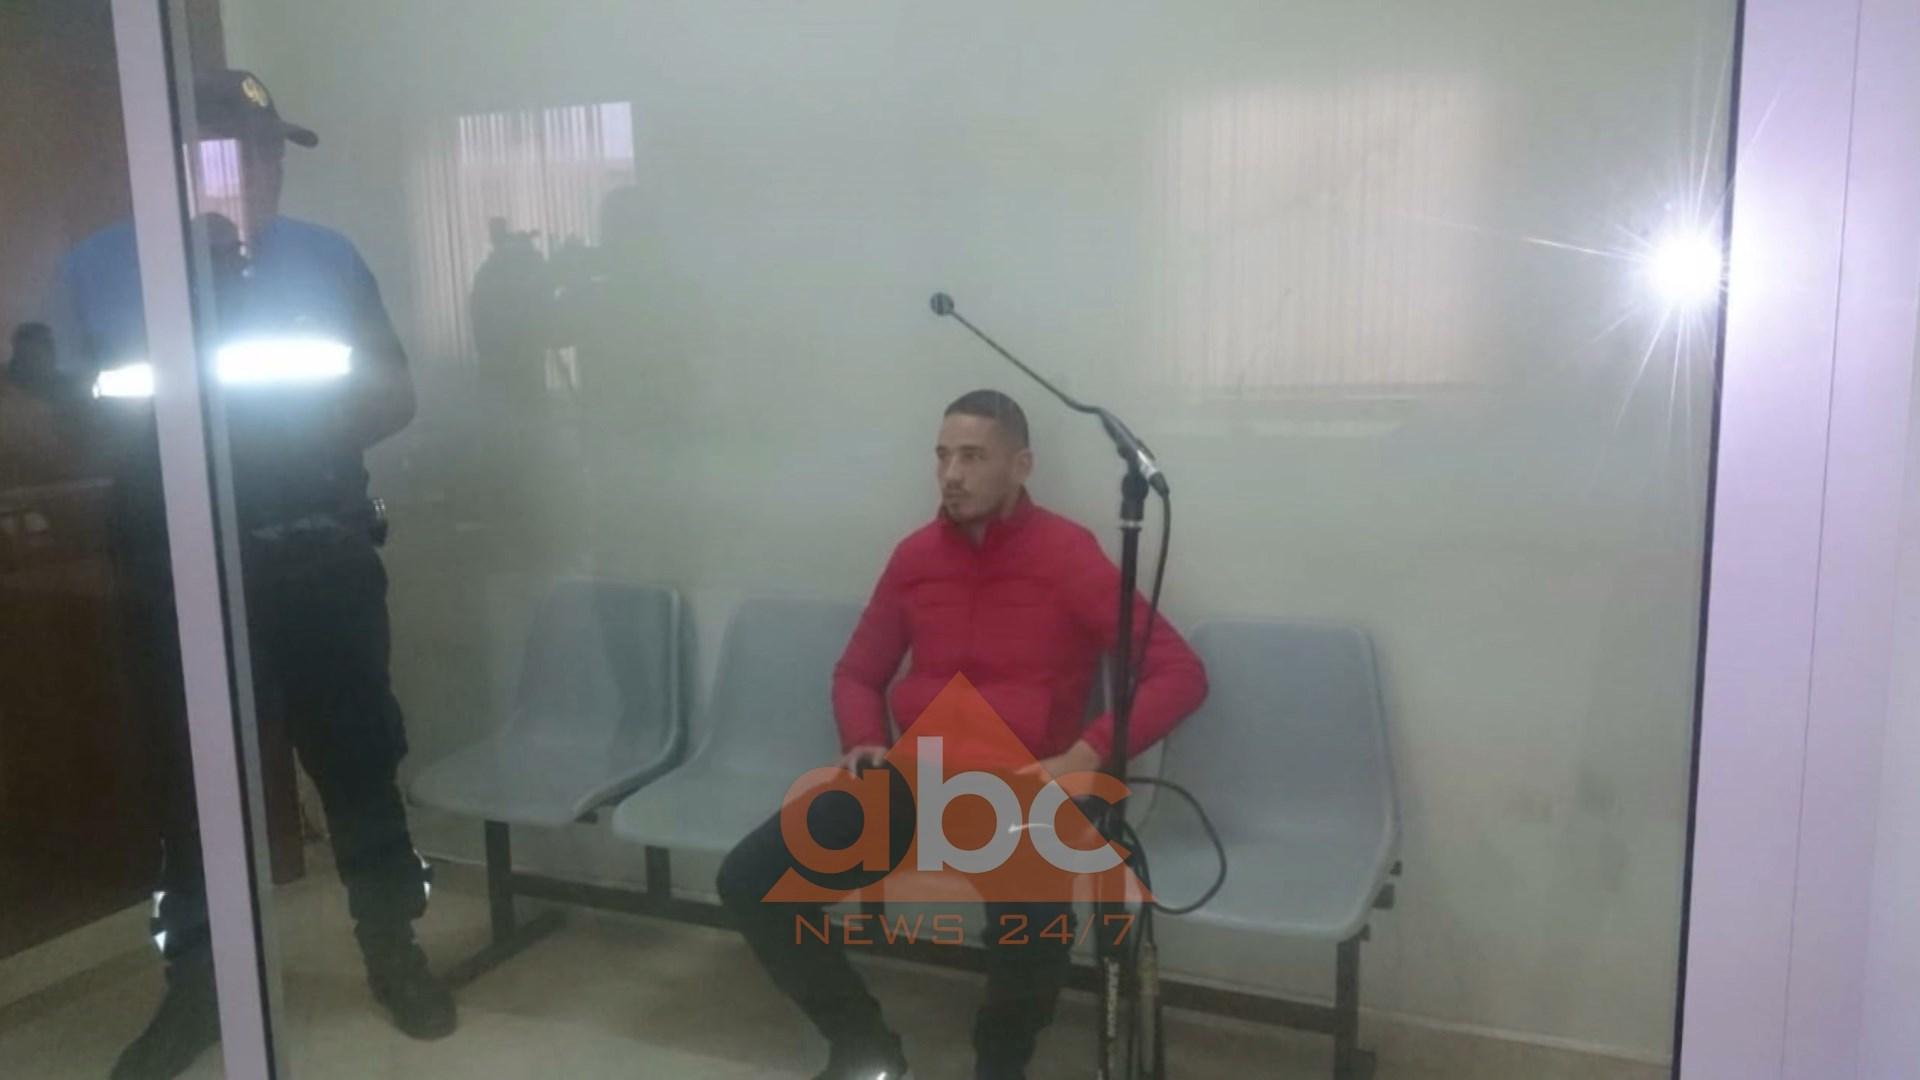 Masakra në Kavajë, burg për vëllain e policit, iu gjet drogë në shtëpi